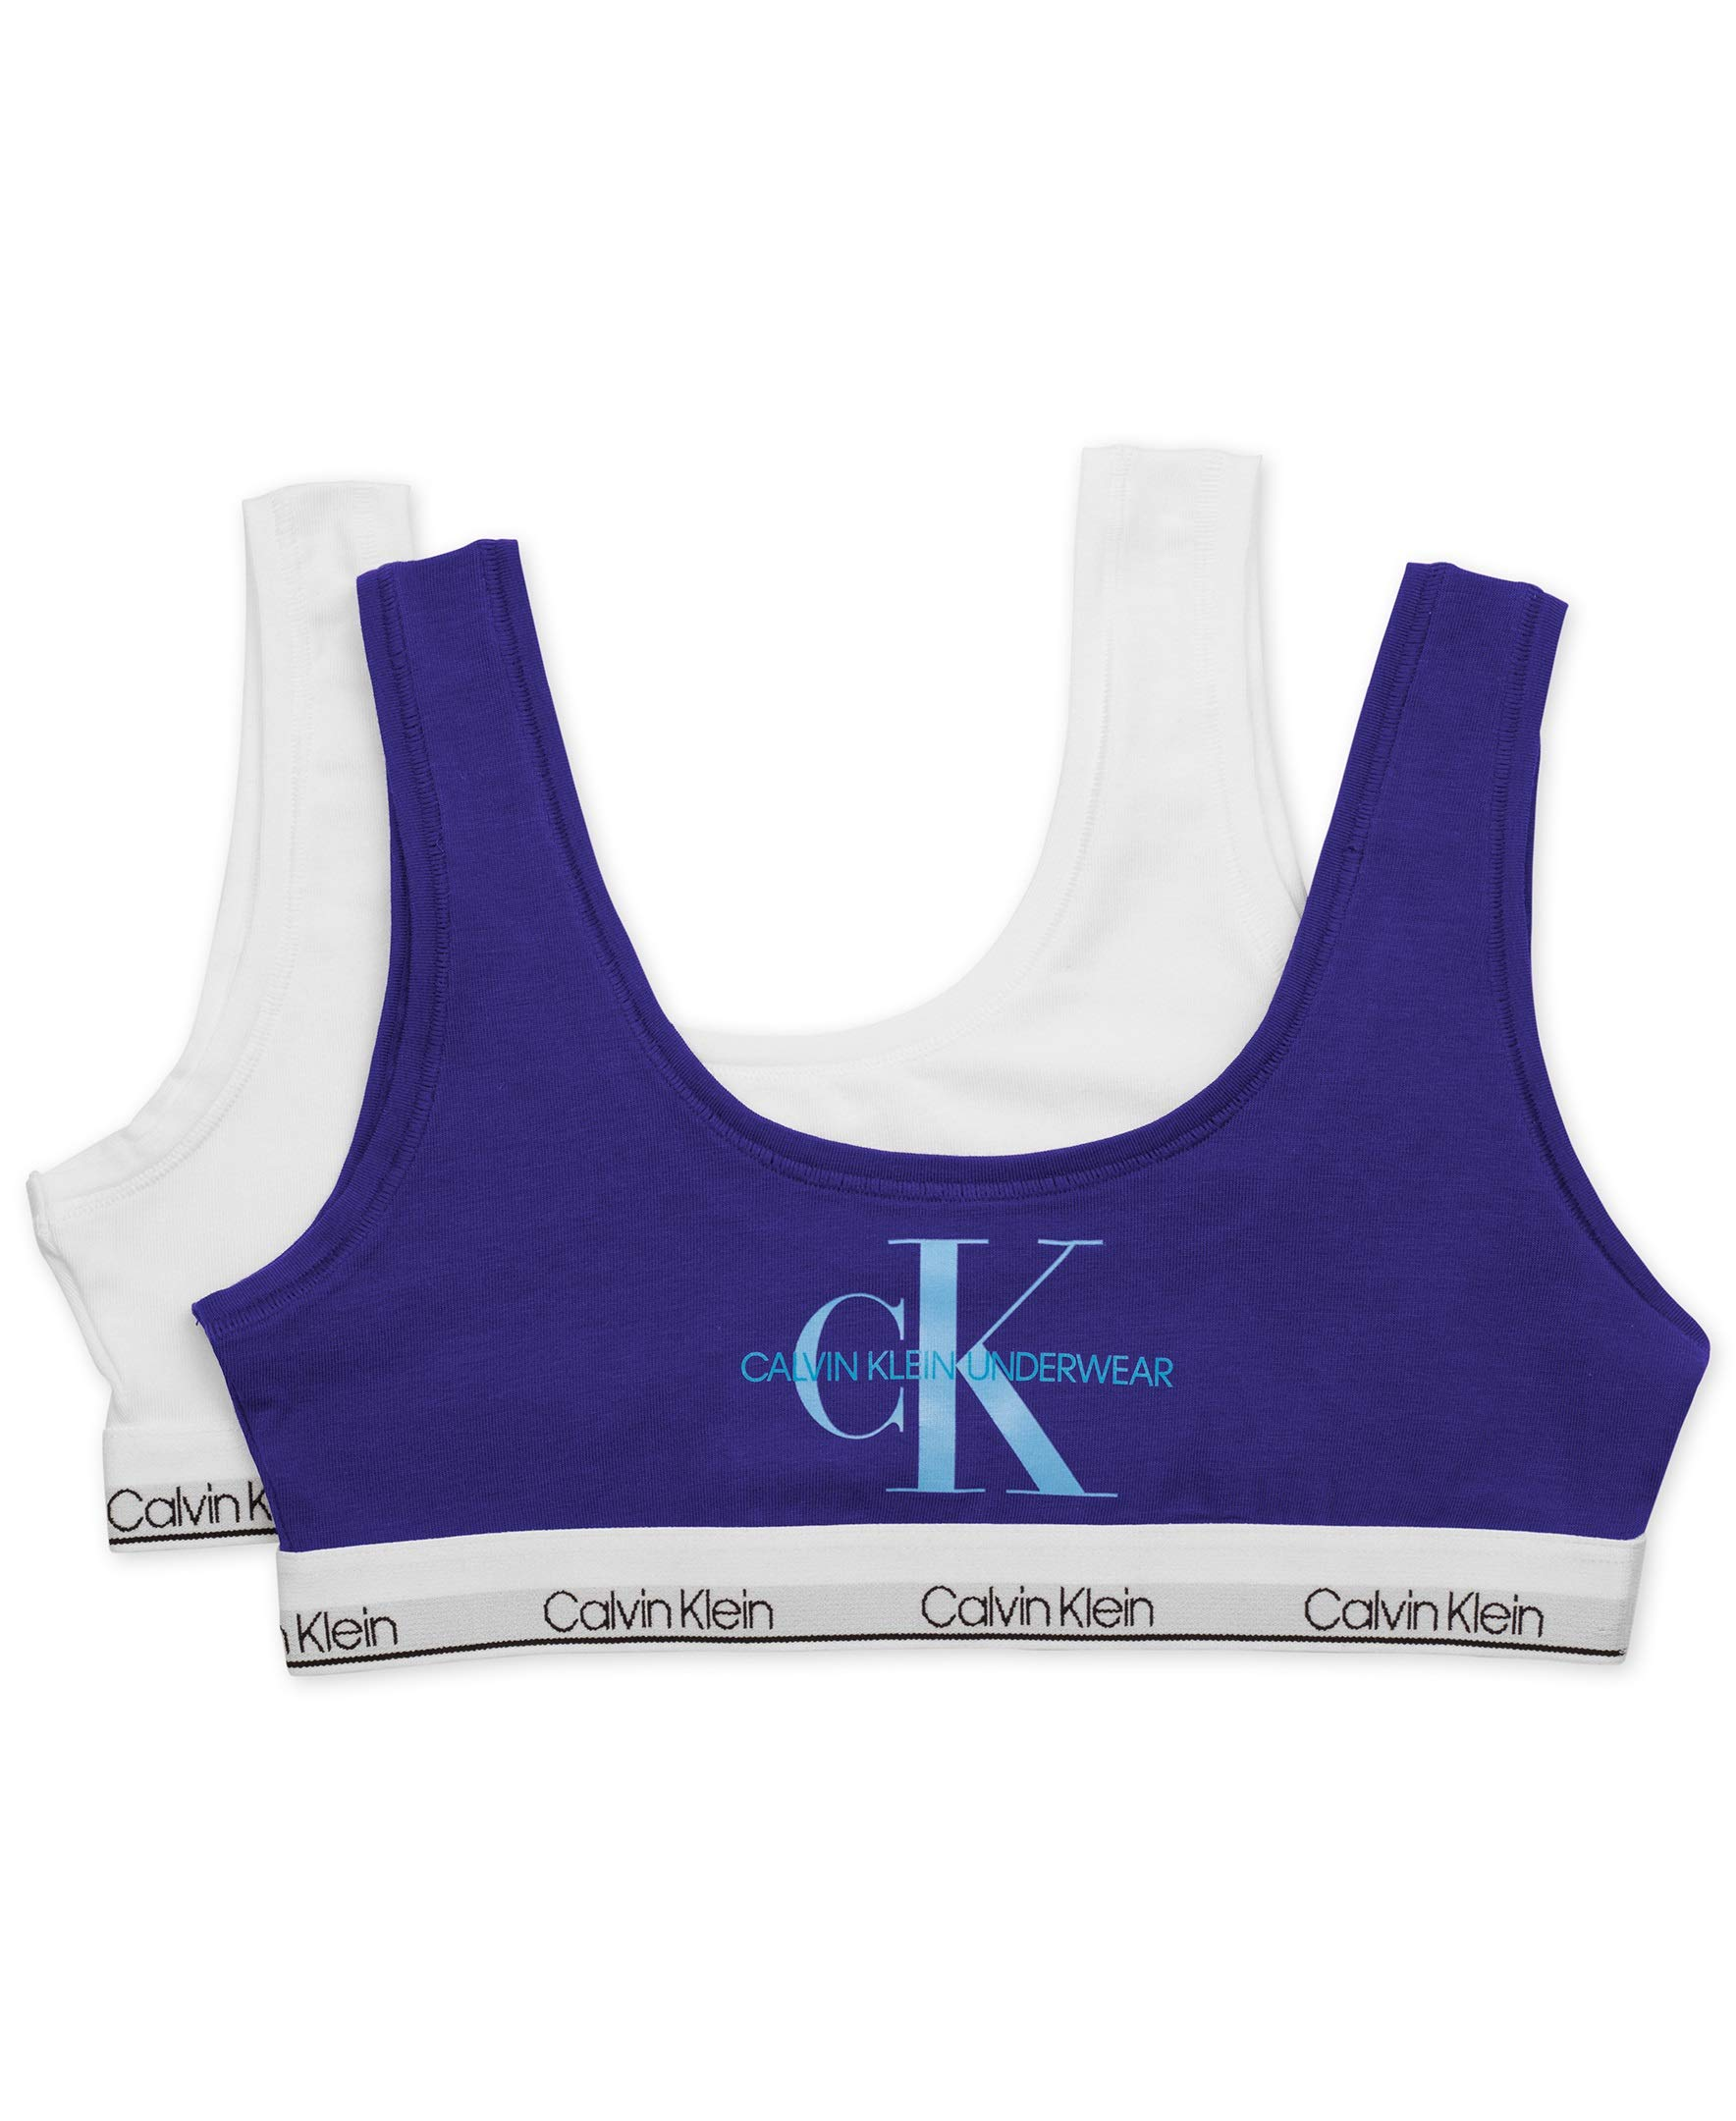 cd99c65746 Galleon - Calvin Klein Big Girls  Modern Cotton Bralette